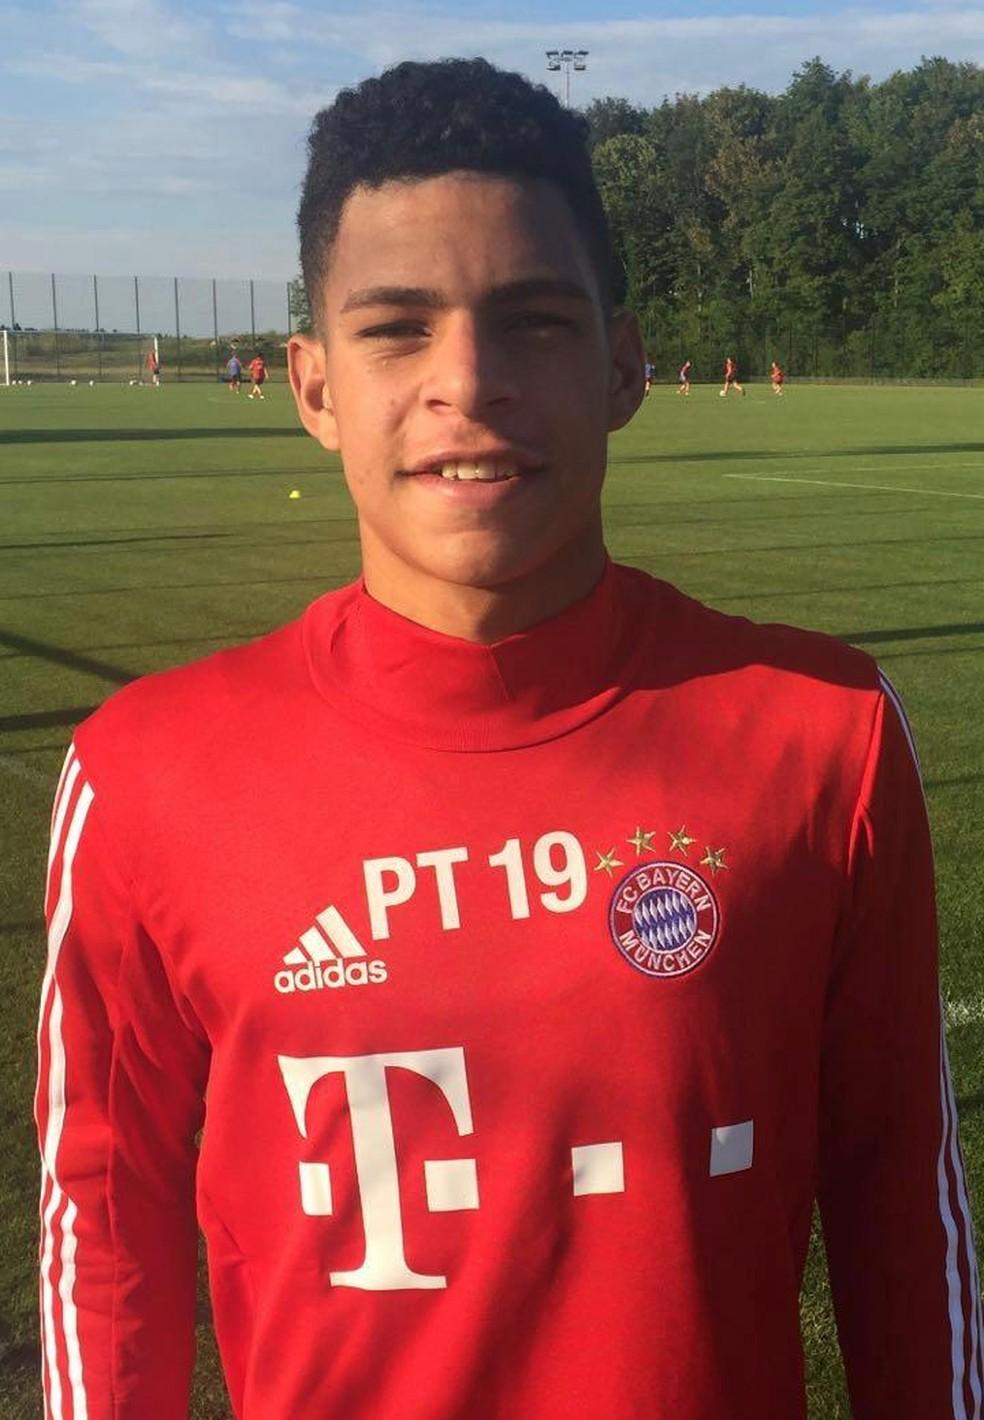 Atacante no CT do Bayern de Munique no ano passado durante período de teste — Foto: Arquivo Pessoal